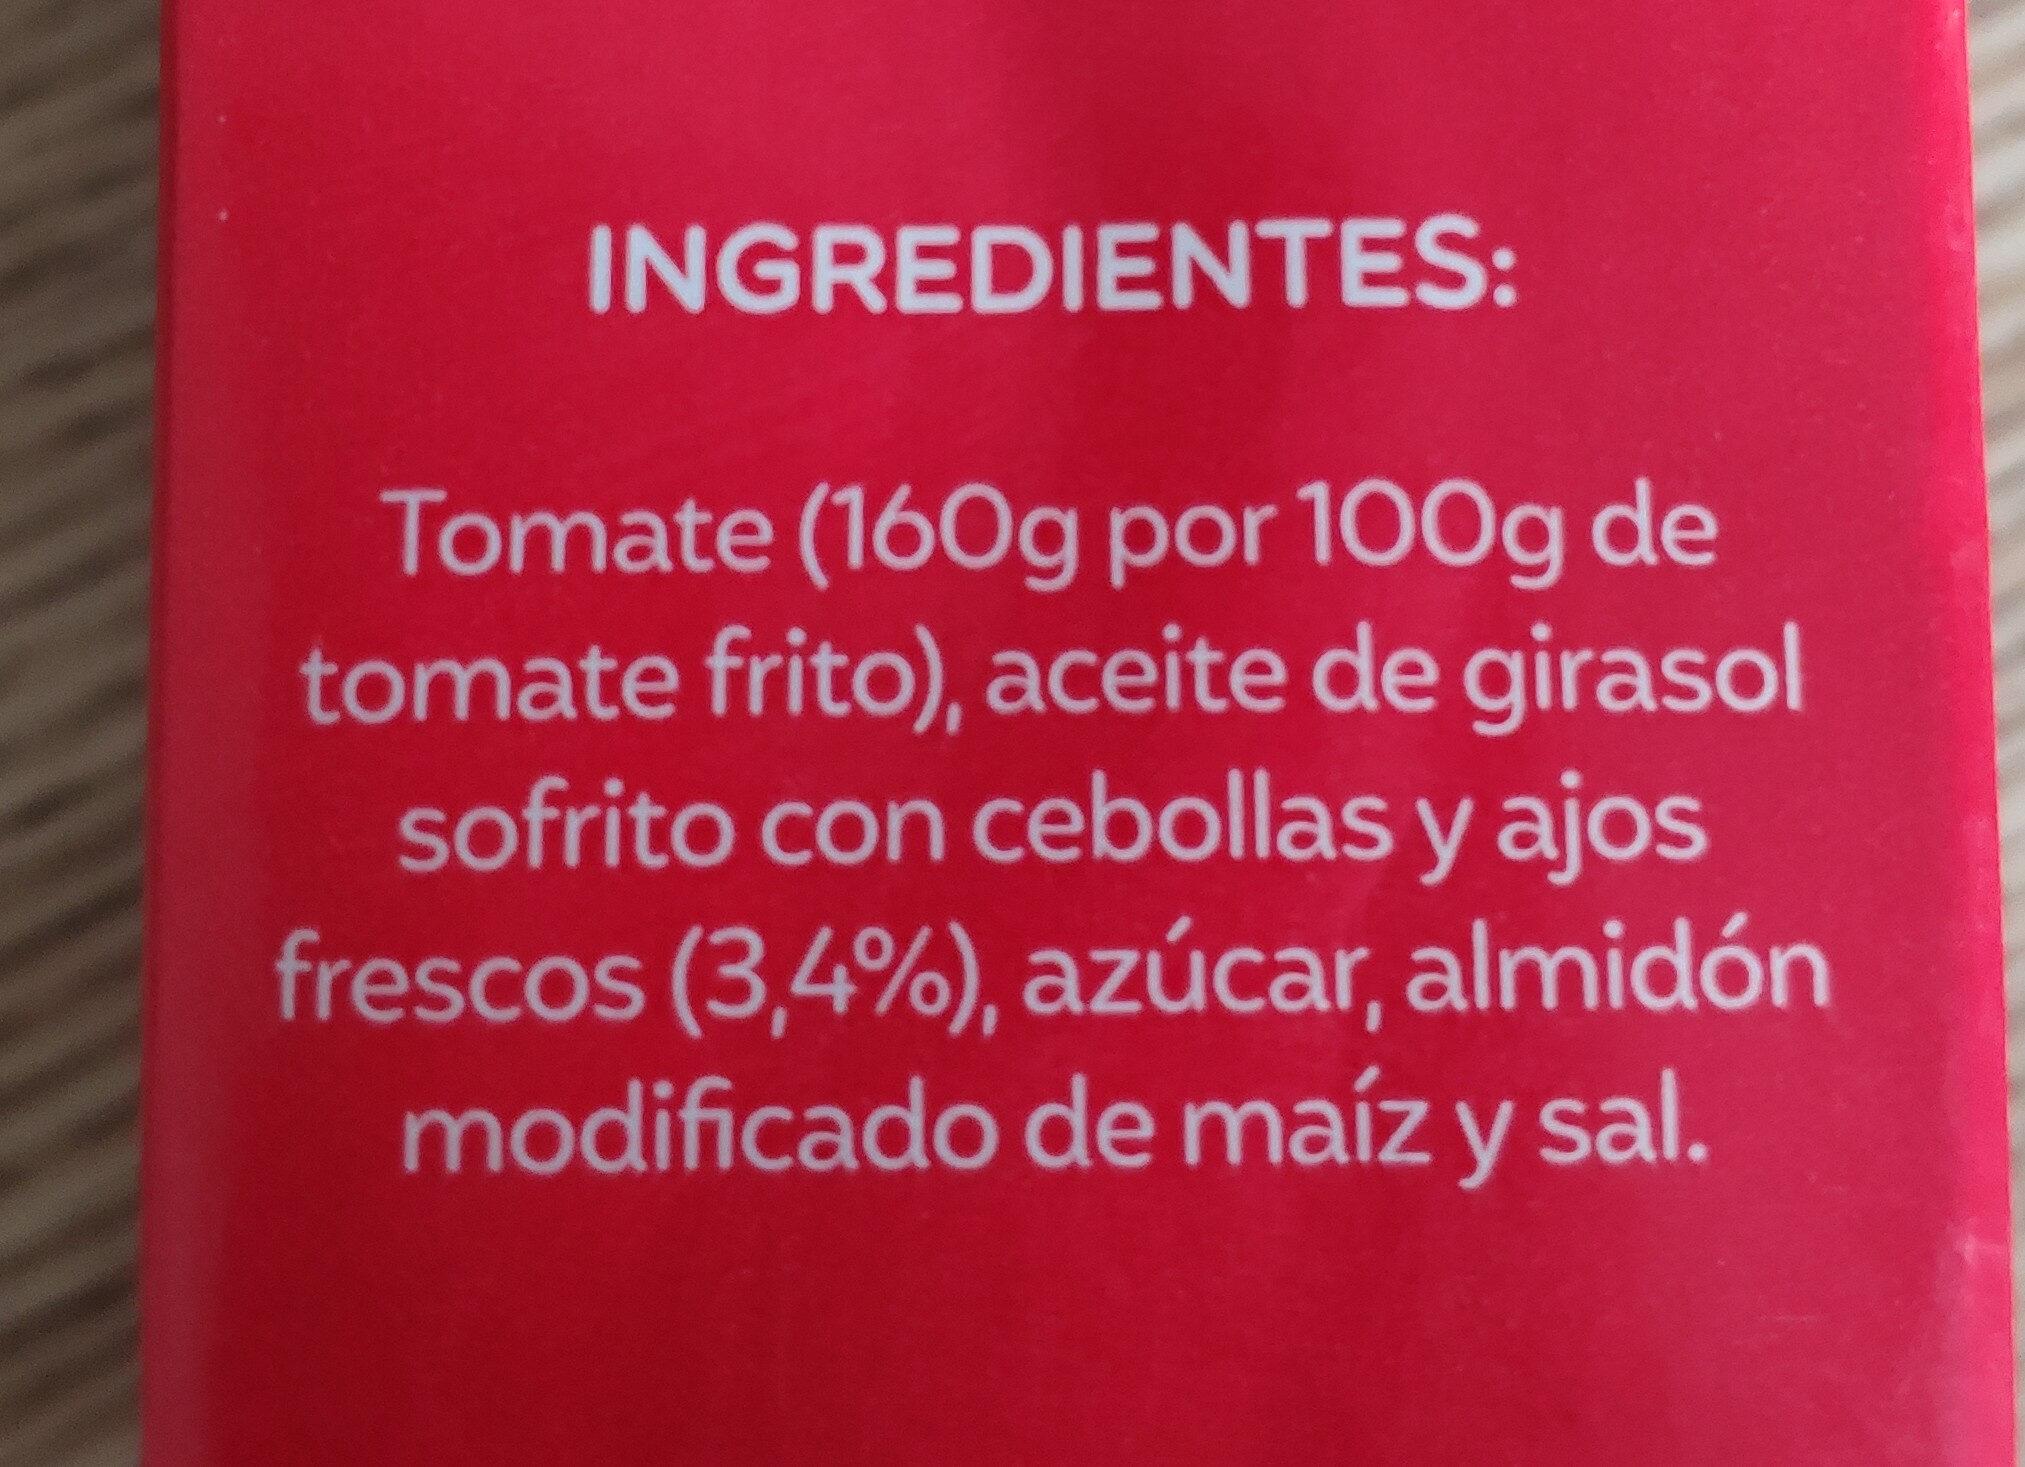 Tomate frito estándar - Ingredients - es